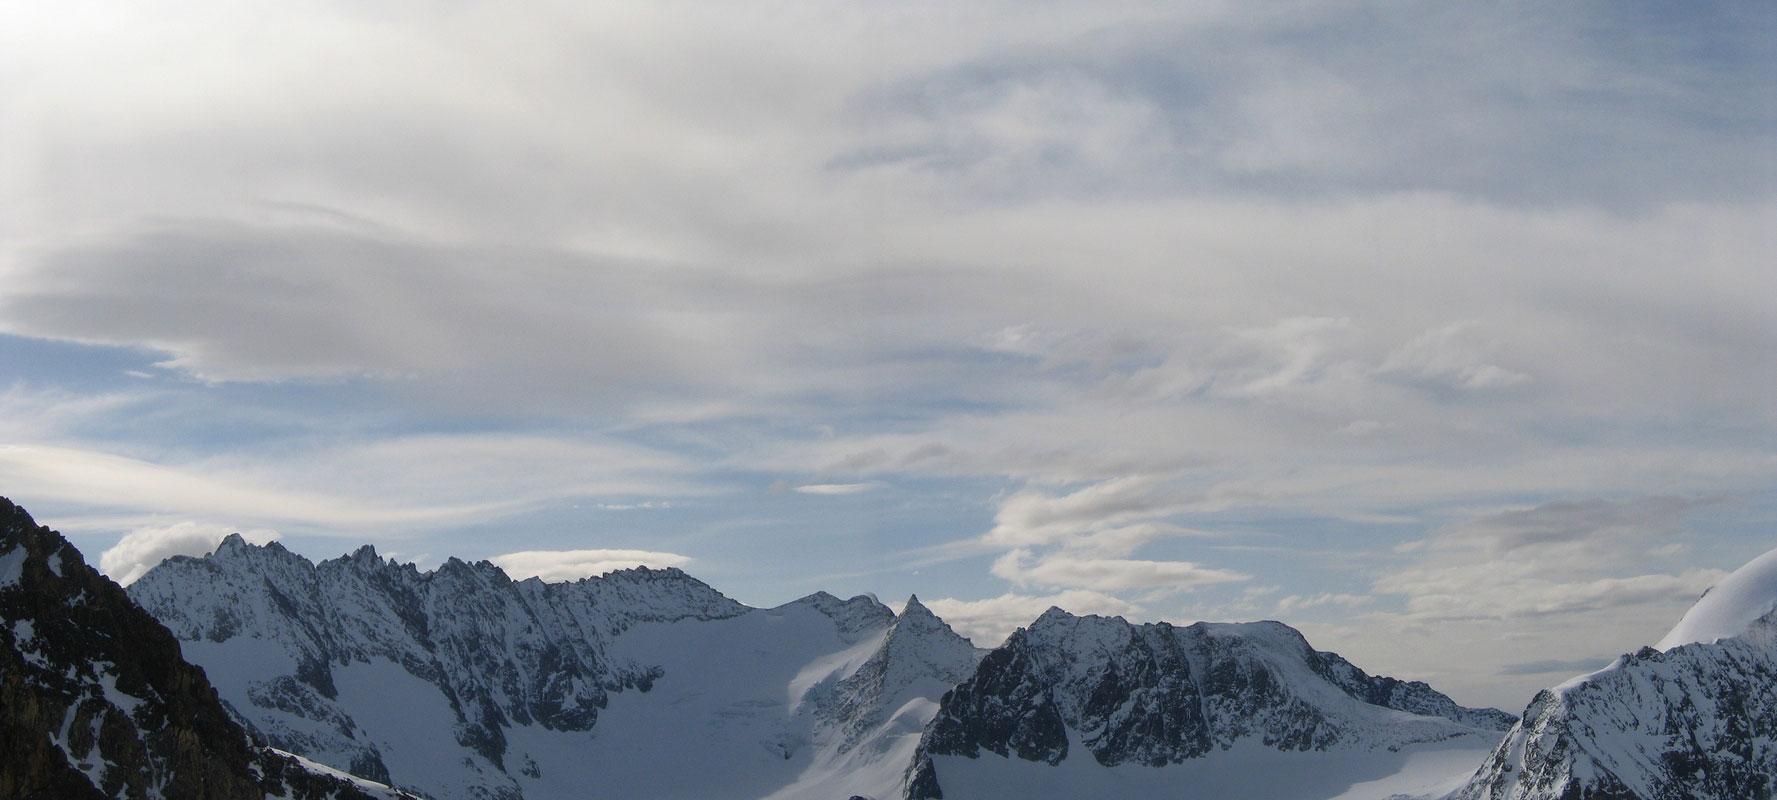 Pigne Arolla, Day 5 H.R. Chamonix-Zermatt Walliser Alpen / Alpes valaisannes Schweiz panorama 40